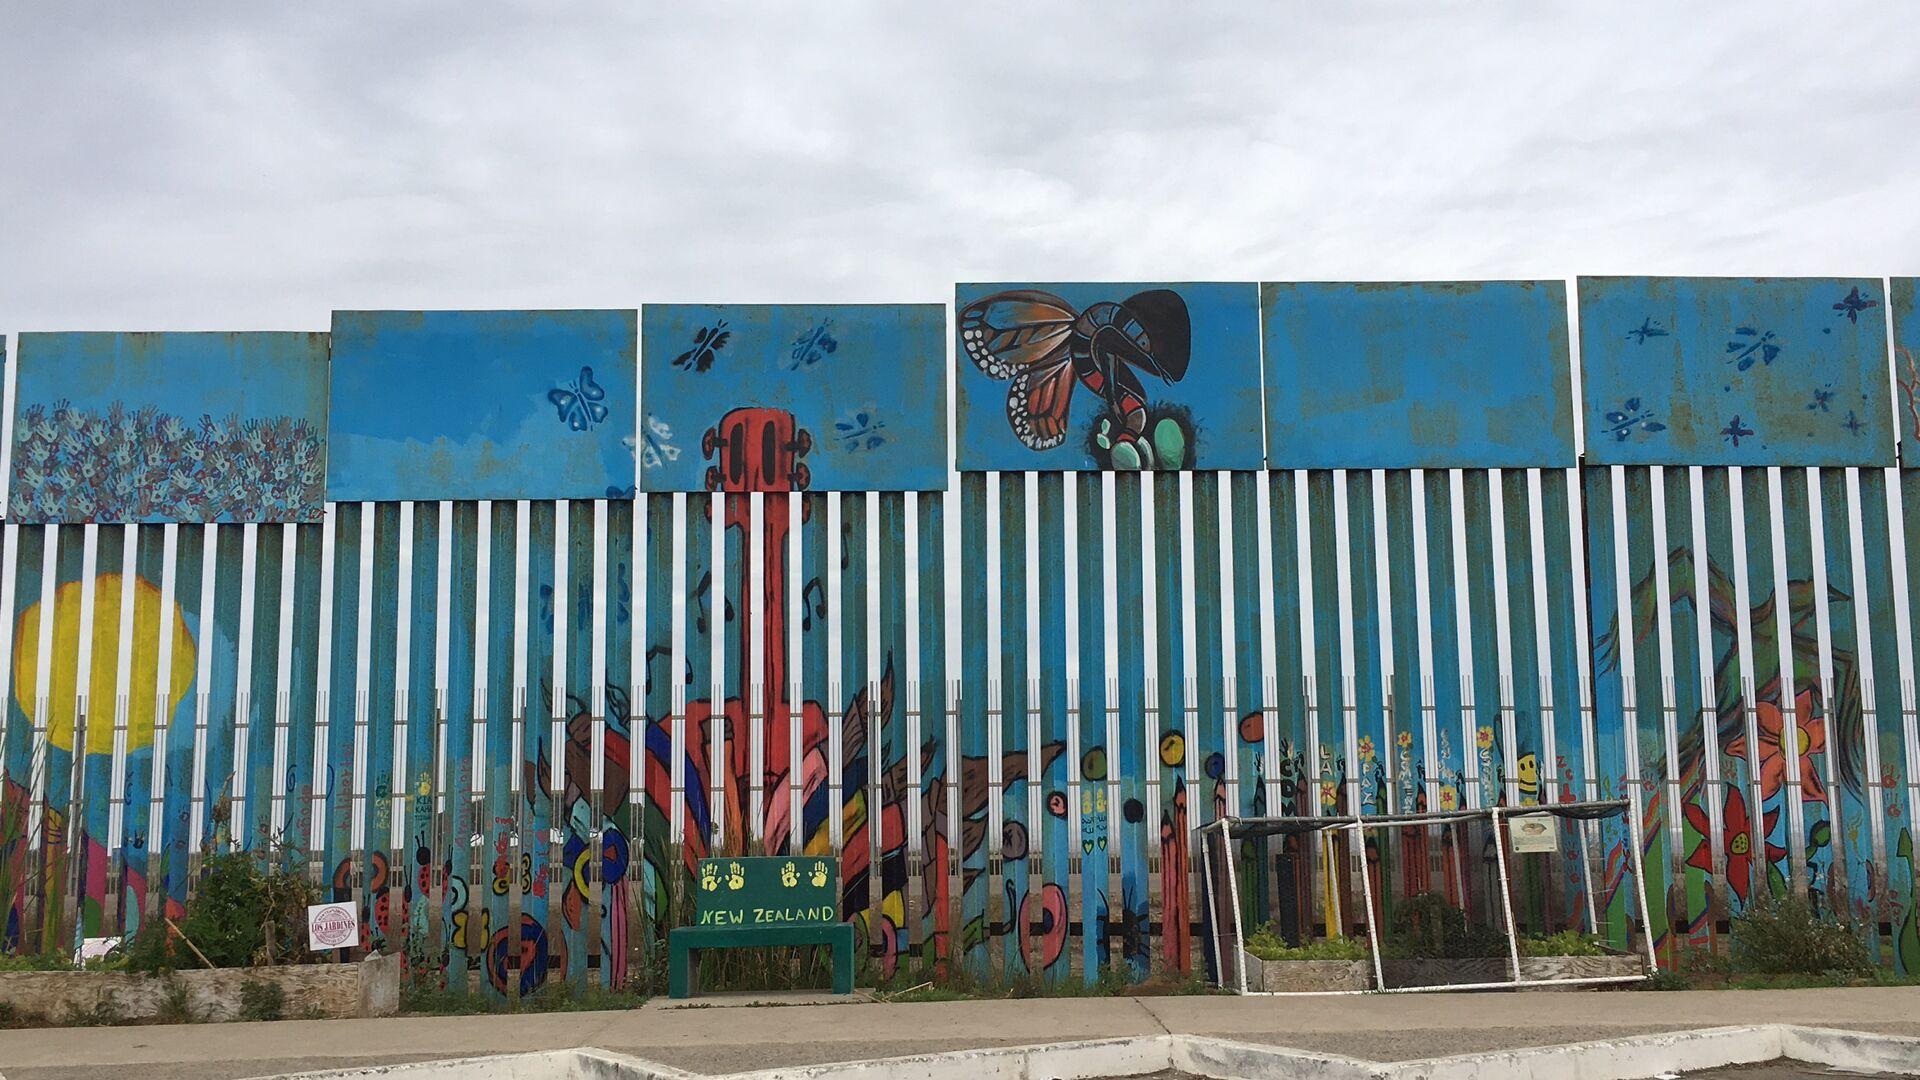 Una parte pintada del muro fronterizo Estados Unidos-México - Sputnik Mundo, 1920, 27.02.2021